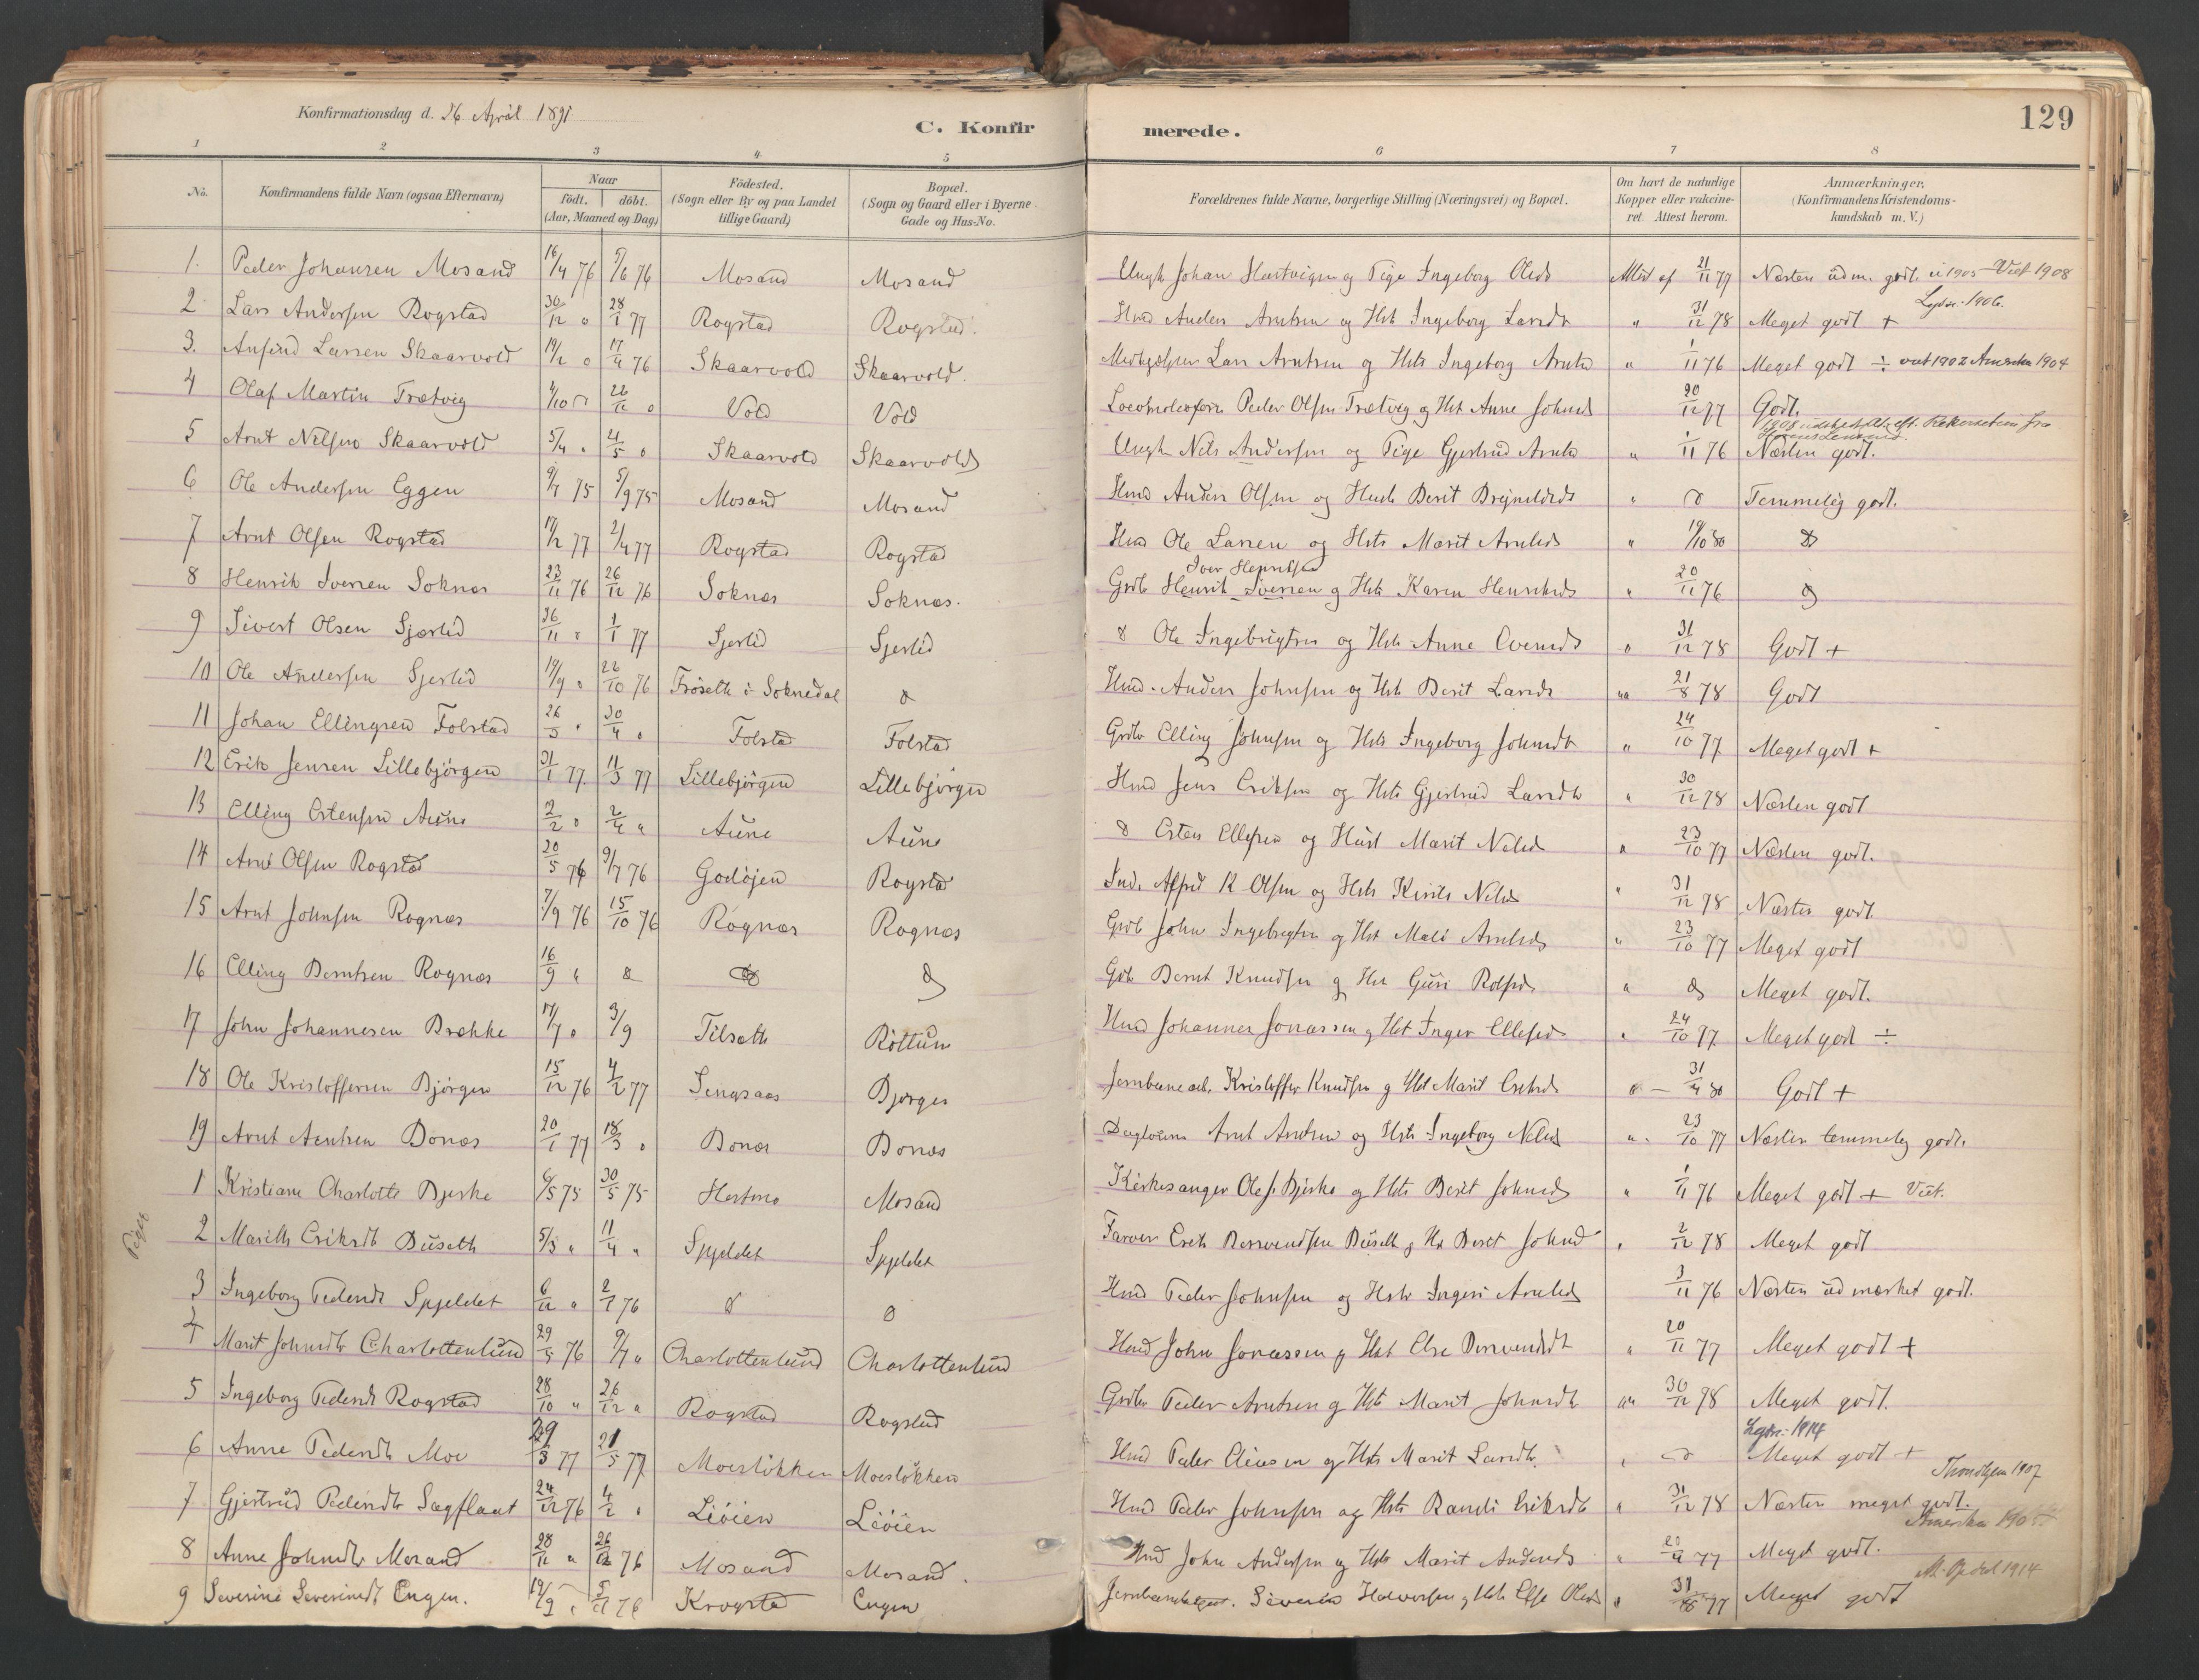 SAT, Ministerialprotokoller, klokkerbøker og fødselsregistre - Sør-Trøndelag, 687/L1004: Ministerialbok nr. 687A10, 1891-1923, s. 129